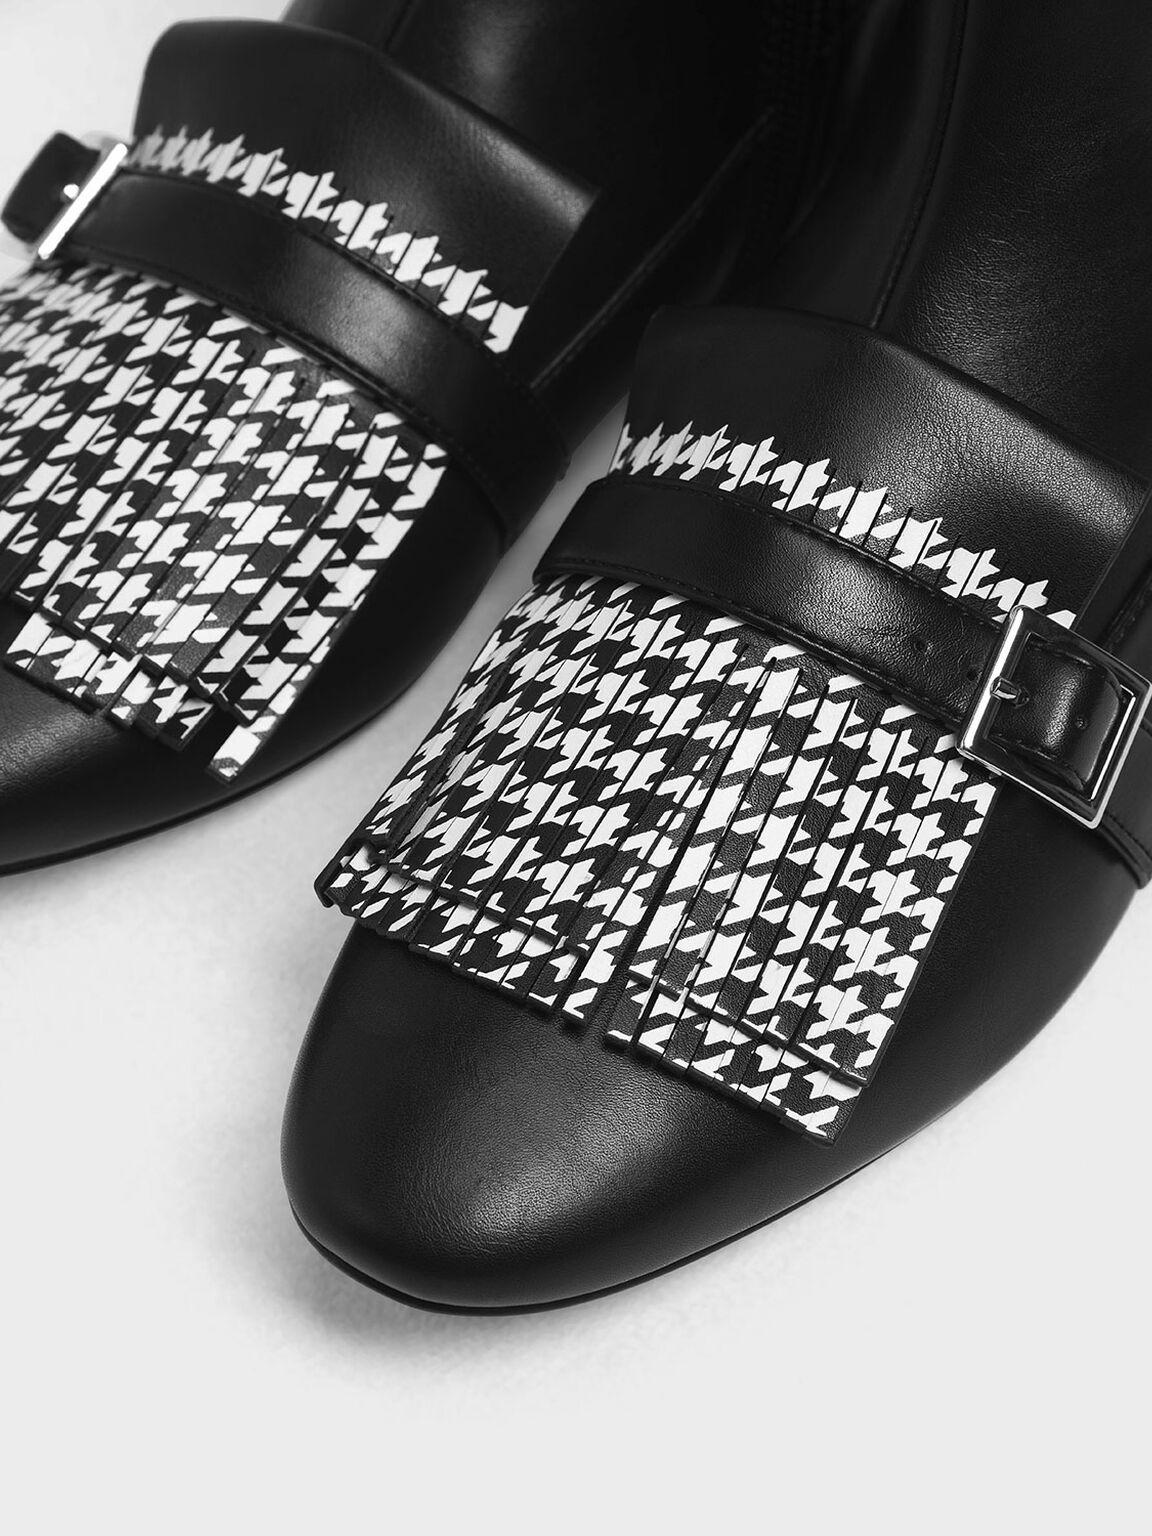 Houndstooth Printed Fringe Flat Ankle Boots, Black, hi-res